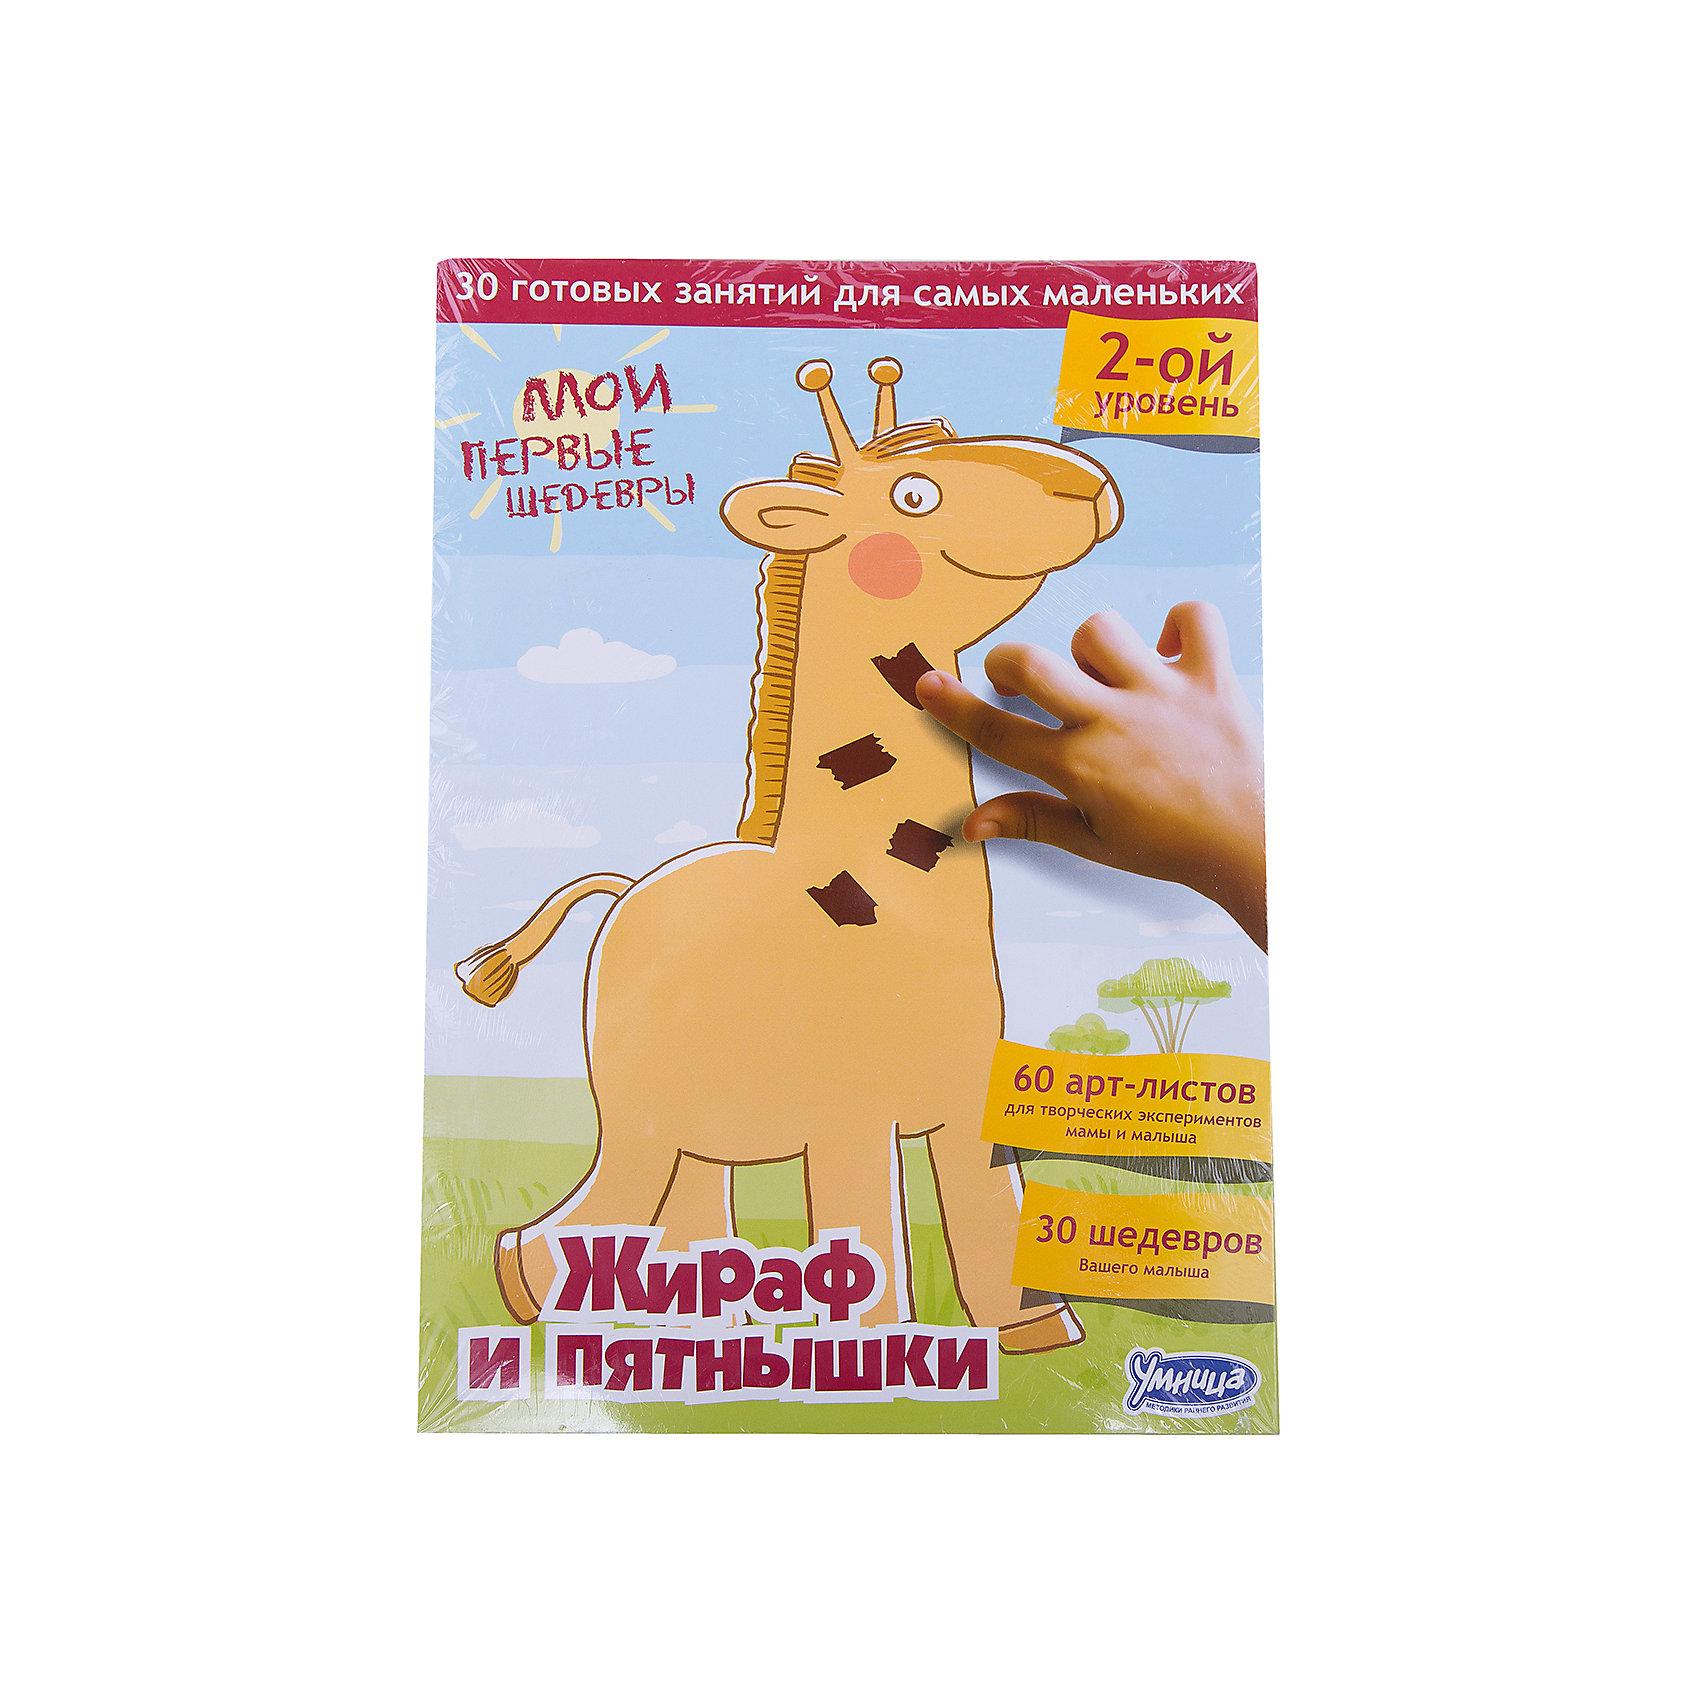 Комплект Мои первые шедевры. Жираф и пятнышкиМетодики раннего развития<br>Комплект Мои первые шедевры. Жираф и пятнышки - это проверенная методика творческого развития для Вашего малыша.<br>Комплект «Мои первые шедевры. Жираф и пятнышки» Второй уровень сложности  – это Ваш лучший выбор для творческого развития малыша. С помощью этого комплекта Вы легко познакомите ребёнка с различными творческими техниками, например, рисованием краской или карандашами, обрывной аппликацией, рисованием пальчиками. Малыш научится правильно держать кисточку, рисовать карандашом, работать с бумагой и пластилином, различать цвета и оттенки и создавать свои первые художественные шедевры. Особенность занятий по комплекту – это самостоятельность малыша. Каждое мини-занятие существует в двух экземплярах: арт-лист для мамы и арт-лист для ребёнка. Арт-лист для мамы содержит подробное задание, прочитав которое, Вы поймёте, что нужно сделать и сможете показать пример ребёнку. Ваш кроха также может попрактиковаться на Вашем арт-листе, чтобы уверенно начать работать на своём. Арт-лист ребёнка не имеет текста с заданием, на нём малыш сам создаёт свой первый шедевр. Такие упражнения помогают формировать самостоятельность, ведь кроха творит здесь уже без Вашей помощи! В результате занятий у ребёнка развивается мелкая моторика, координация руки, интеллект, формируется восприятие цветов, оттенков, размеров, развивается воображение, воспитывается любовь к творчеству.<br><br>Дополнительная информация:<br><br>- В комплекте: 30 арт-листов для мамы, 30 арт-листов для малыша<br>- Размер упаковки: 21,5 х 1 х 29,5 см.<br>- Вес: 620 гр.<br><br>Комплект Мои первые шедевры. Жираф и пятнышки можно купить в нашем интернет-магазине.<br><br>Ширина мм: 215<br>Глубина мм: 10<br>Высота мм: 295<br>Вес г: 620<br>Возраст от месяцев: 36<br>Возраст до месяцев: 84<br>Пол: Унисекс<br>Возраст: Детский<br>SKU: 4200823